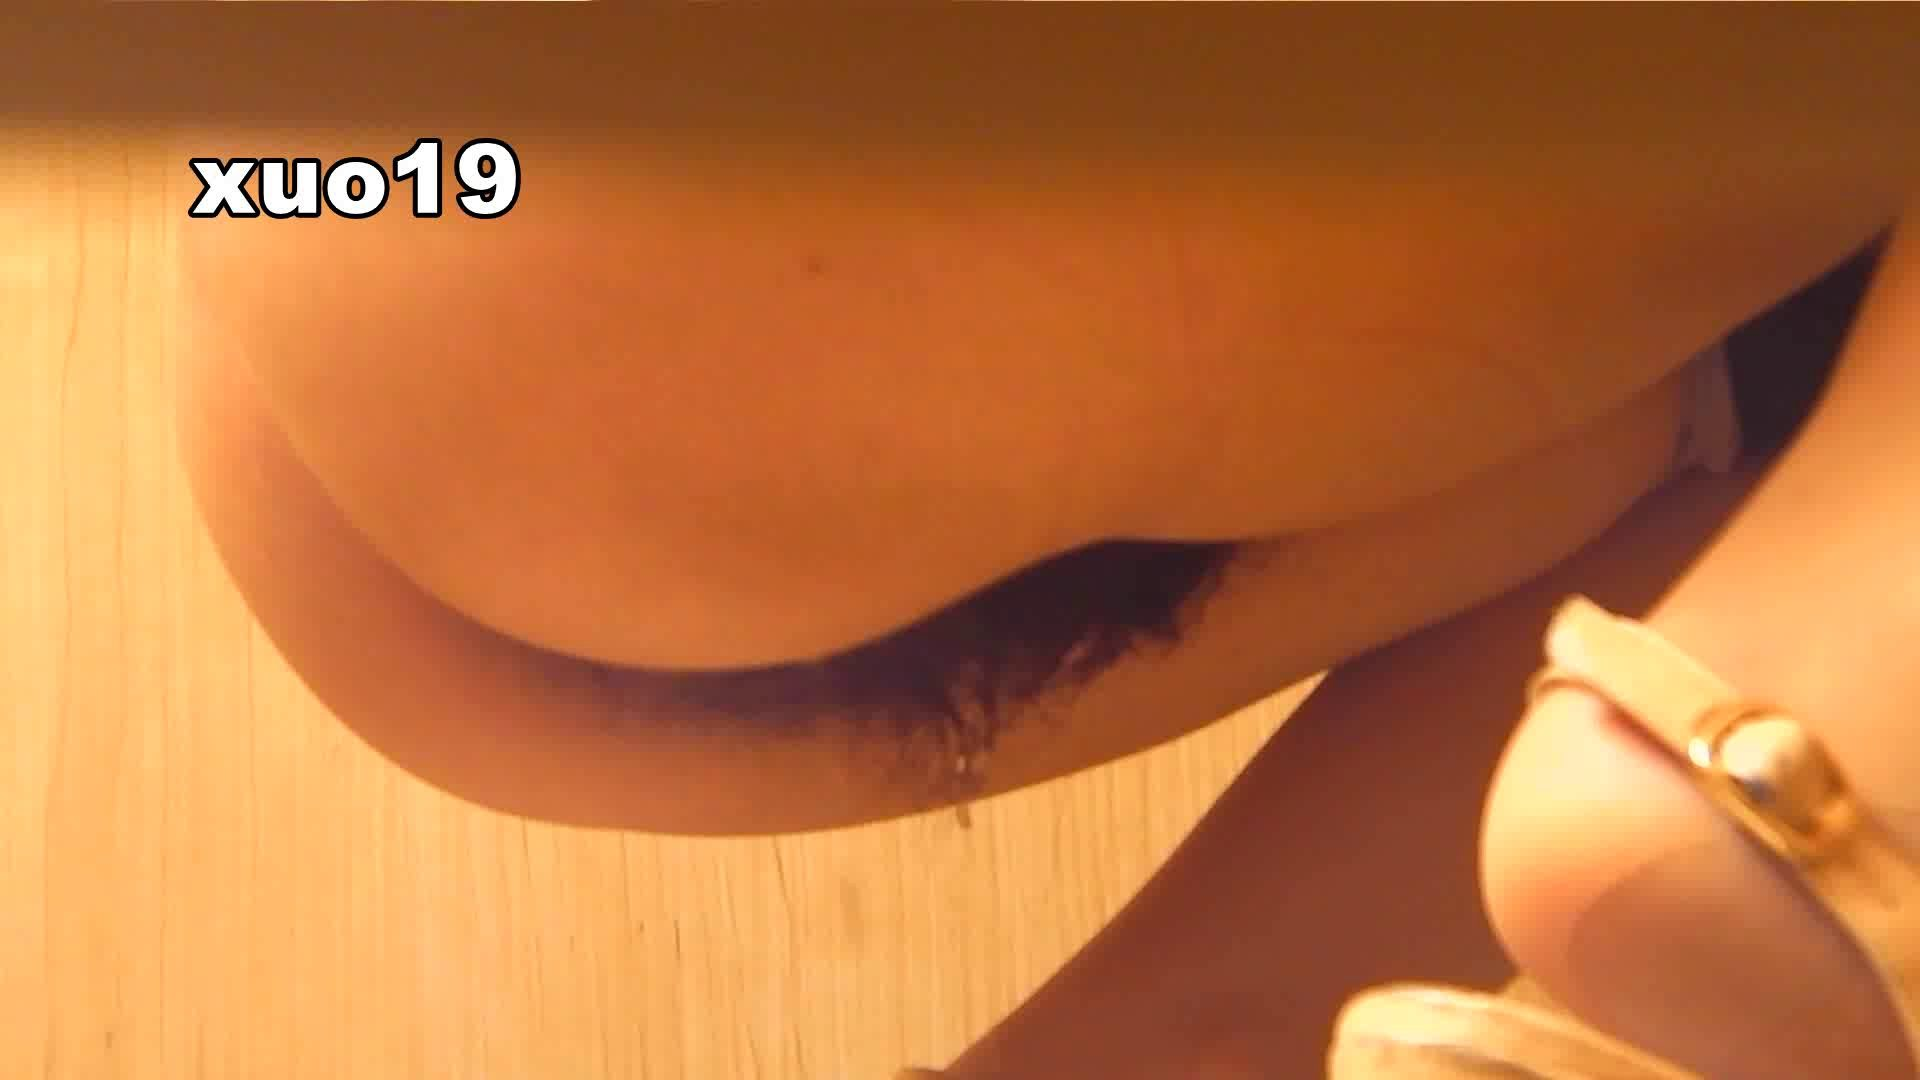 阿国ちゃんの「和式洋式七変化」No.19 キラキラ系 エッチなお姉さん AV動画キャプチャ 94画像 69